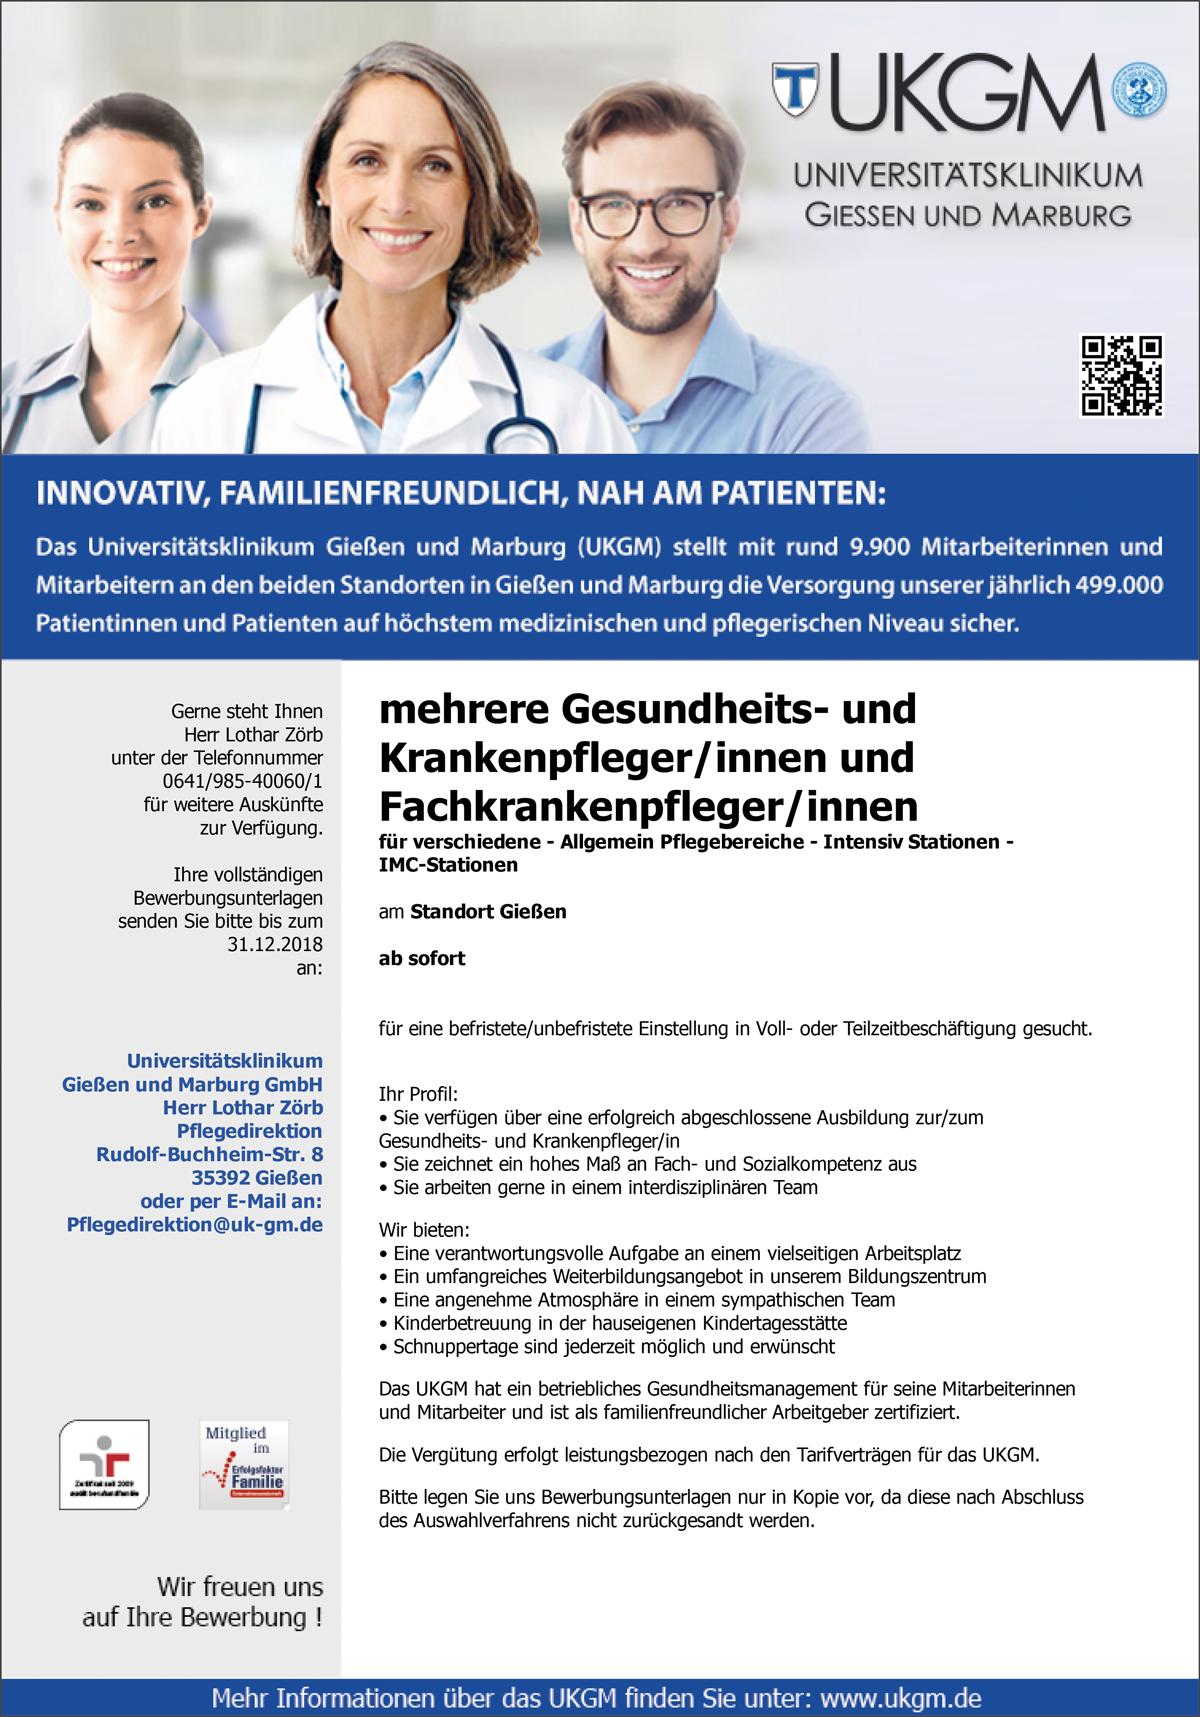 mehrere Gesundheits- und Krankenpfleger /innen  mehrere Fachkrankenpfleger /innen  für verschiedene - Allgemein Pflegebereiche, Intensiv Stationen, IMC-Stationen - Universitätsklinikum Gießen und Marburg GmbH - in Gießen - stellenecho.de